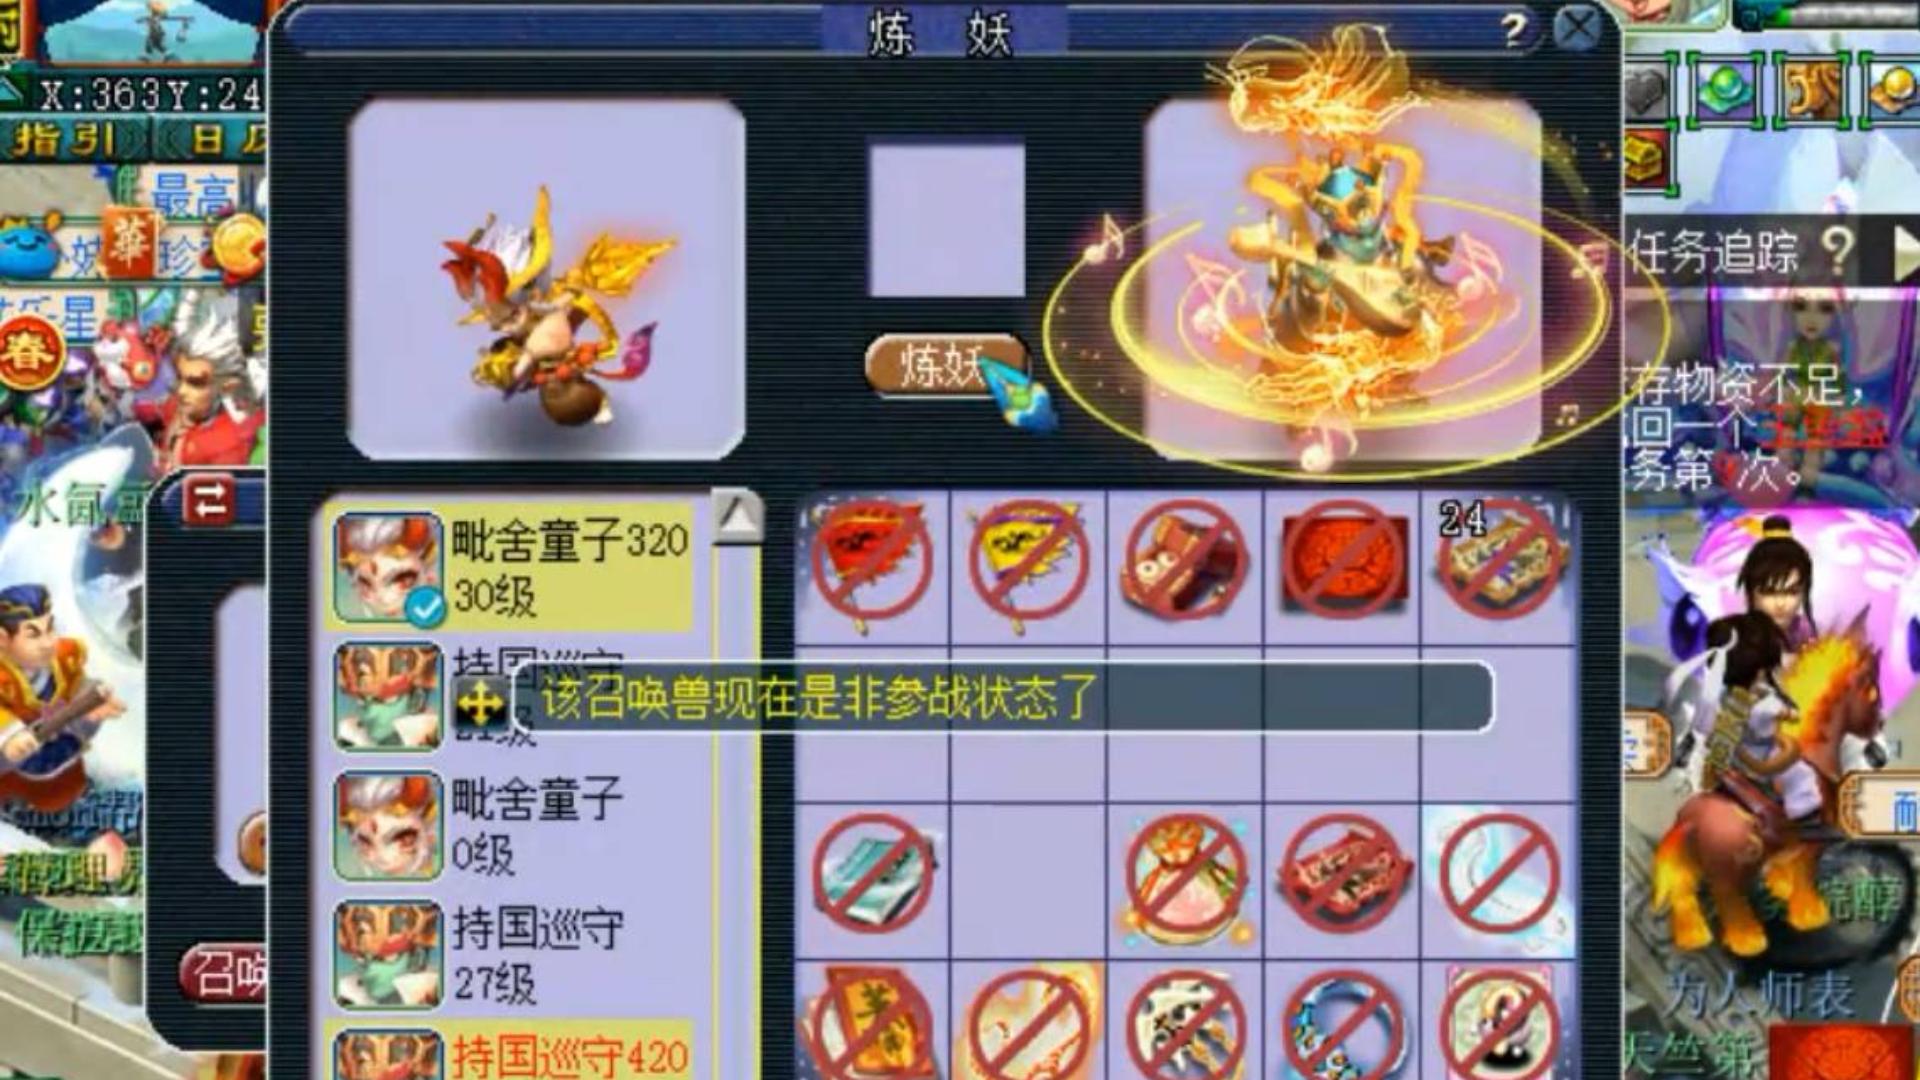 梦幻西游:老玩家买号回归,先来四组炼妖,就是这样欢迎他的?